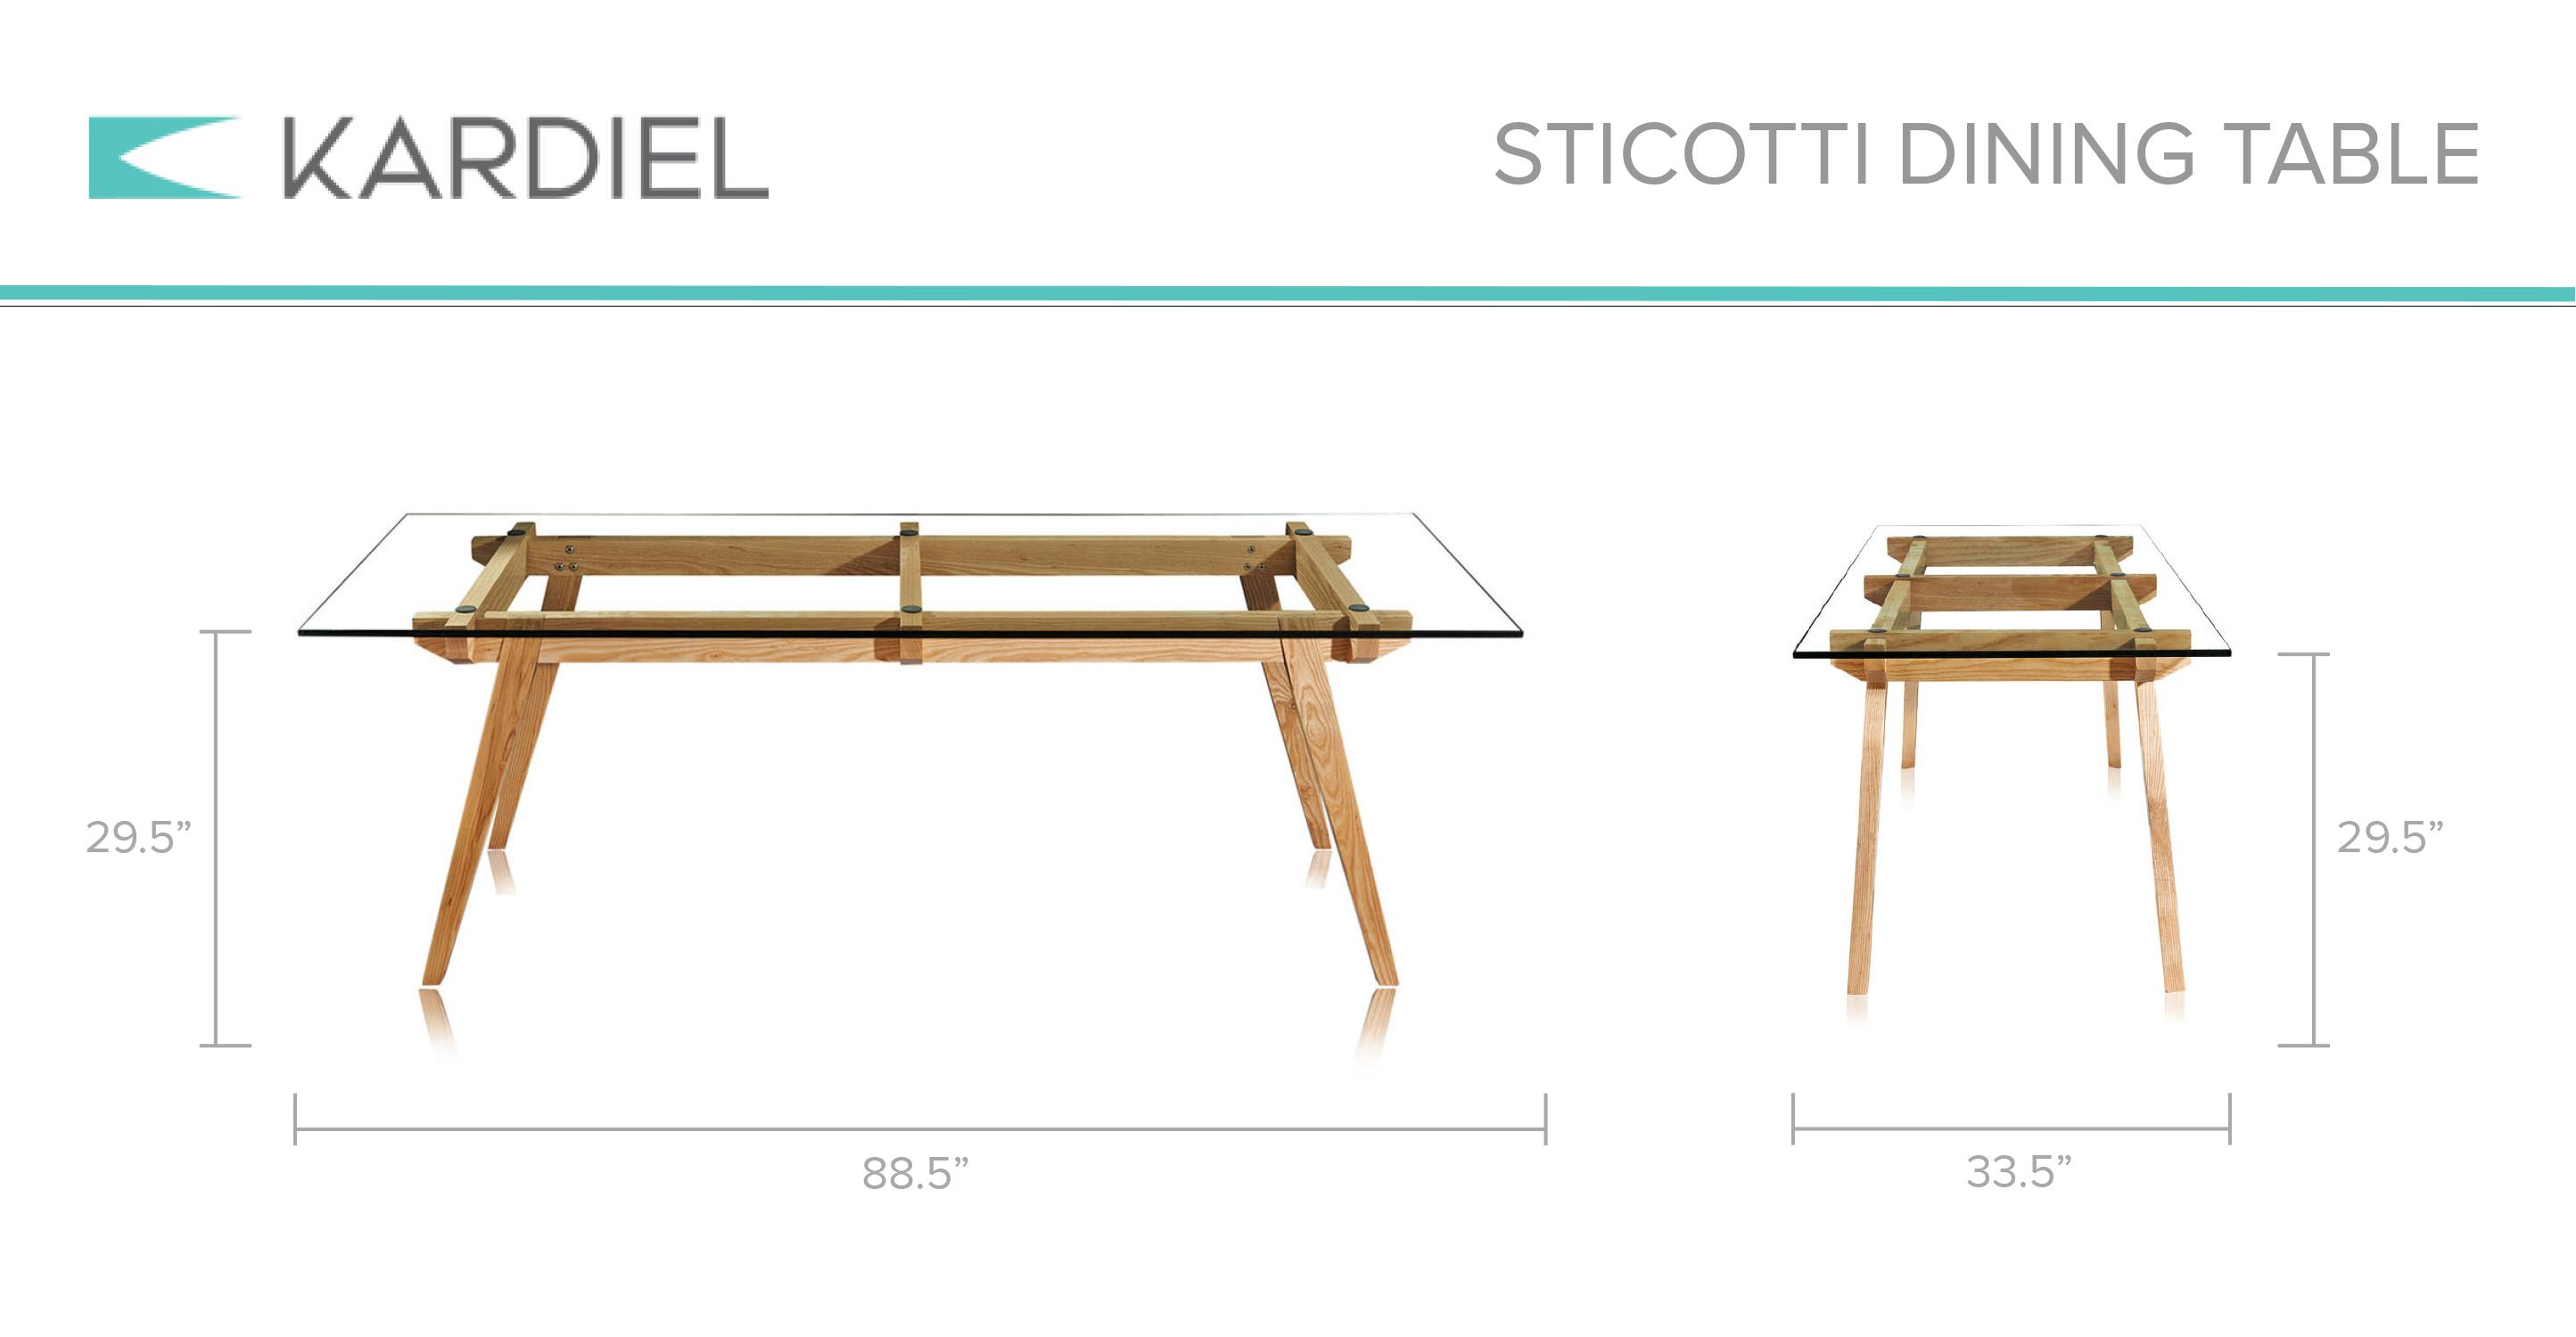 Sticotti Dining Table Ash Kar l